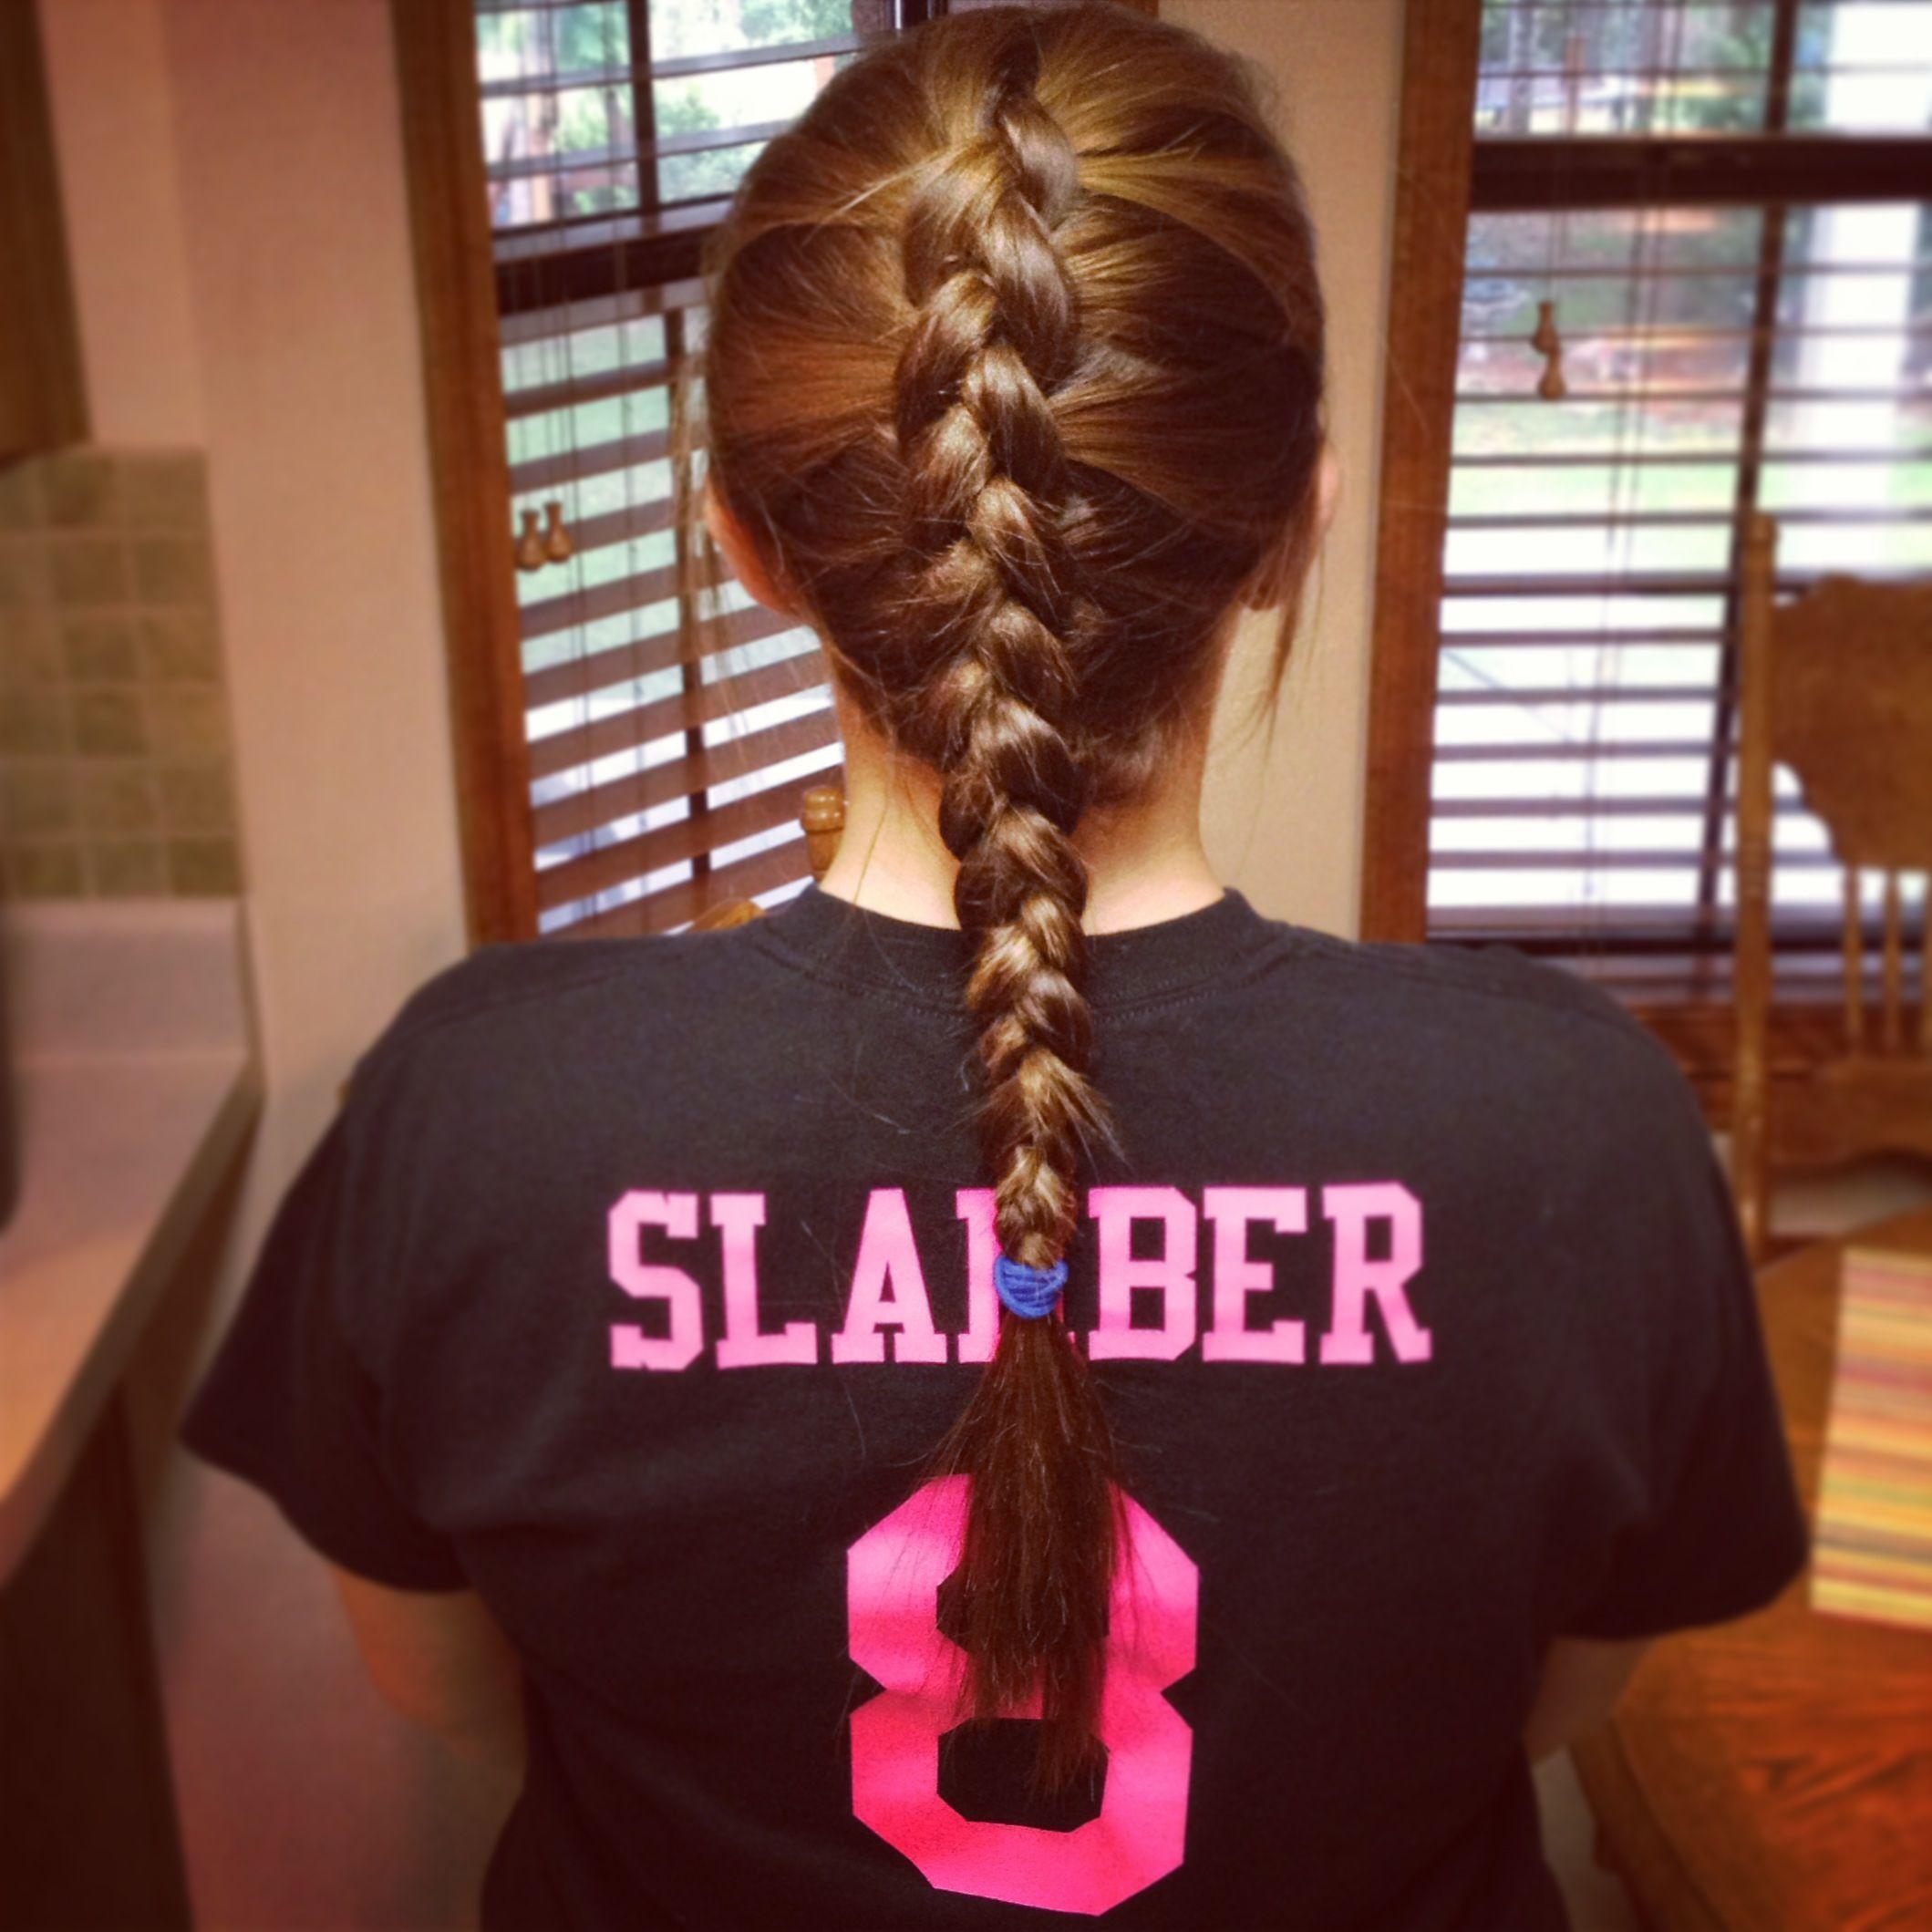 My Hair For Volleyball Practice Volleyballhair Hair Braid Insideout Loveit Braidedhairstyles Brai Hair Styles Volleyball Hairstyles Volleyball Braids